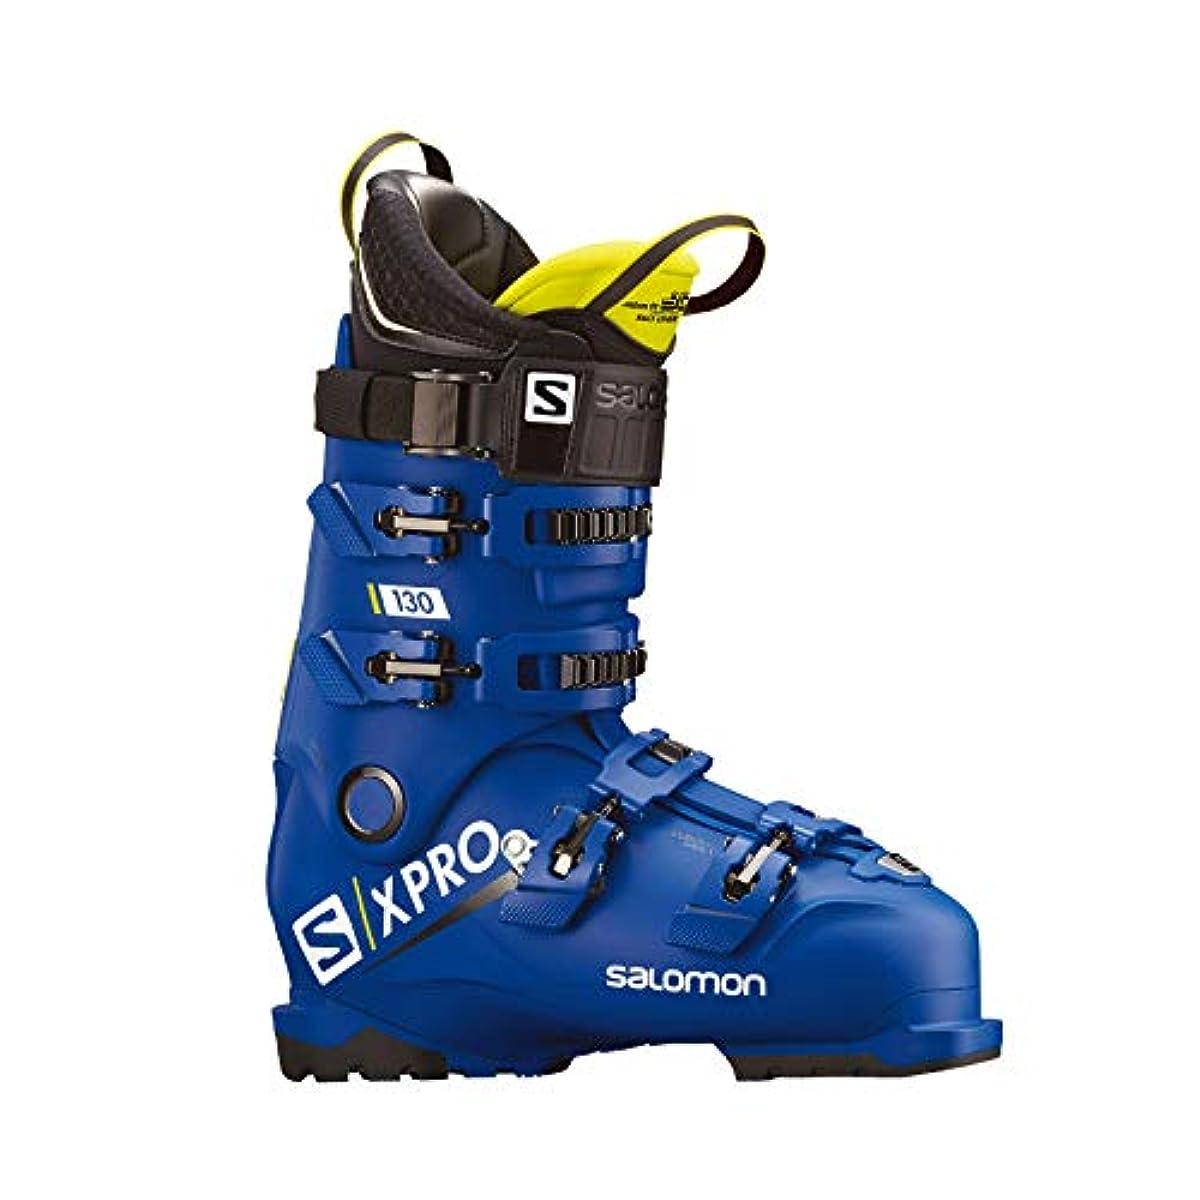 [해외] 살로몬SALOMON 스키화 맨즈 X PRO 130 X 프로 130 24~28.5CM 2018-19년 모델 L40550700